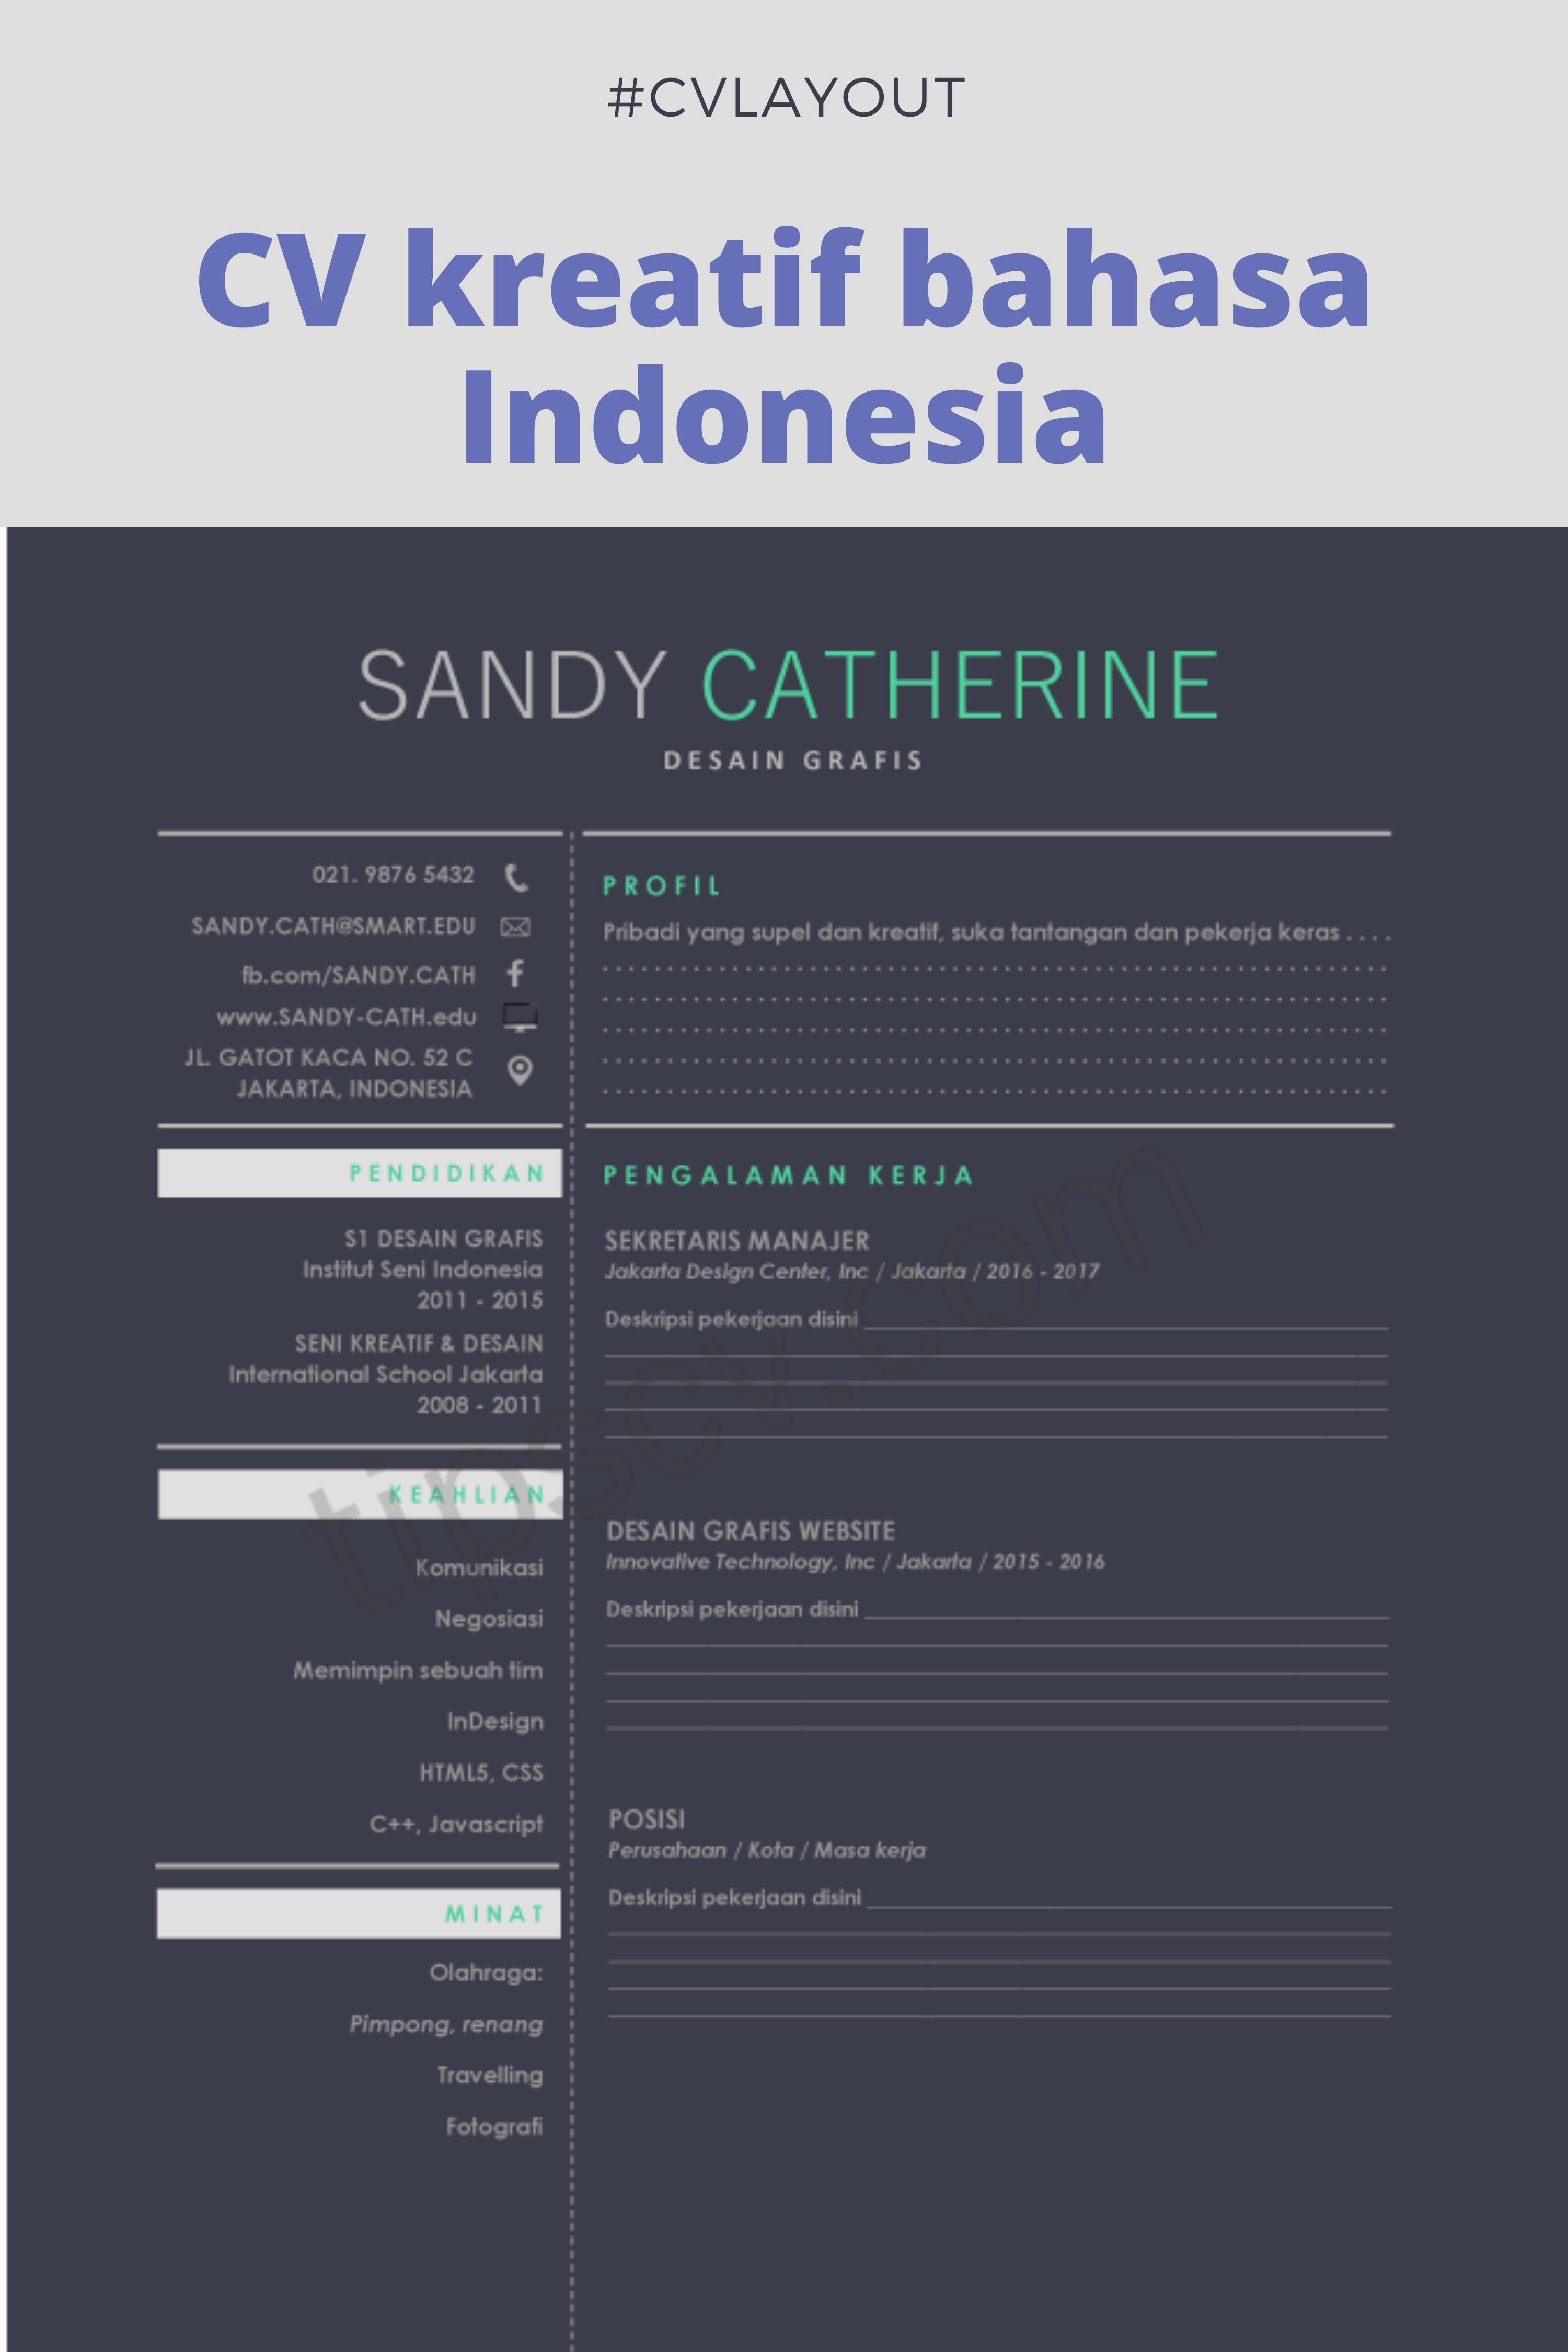 Contoh CV Kreatif Bahasa Indonesia Doc Pdf di 2020 Cv